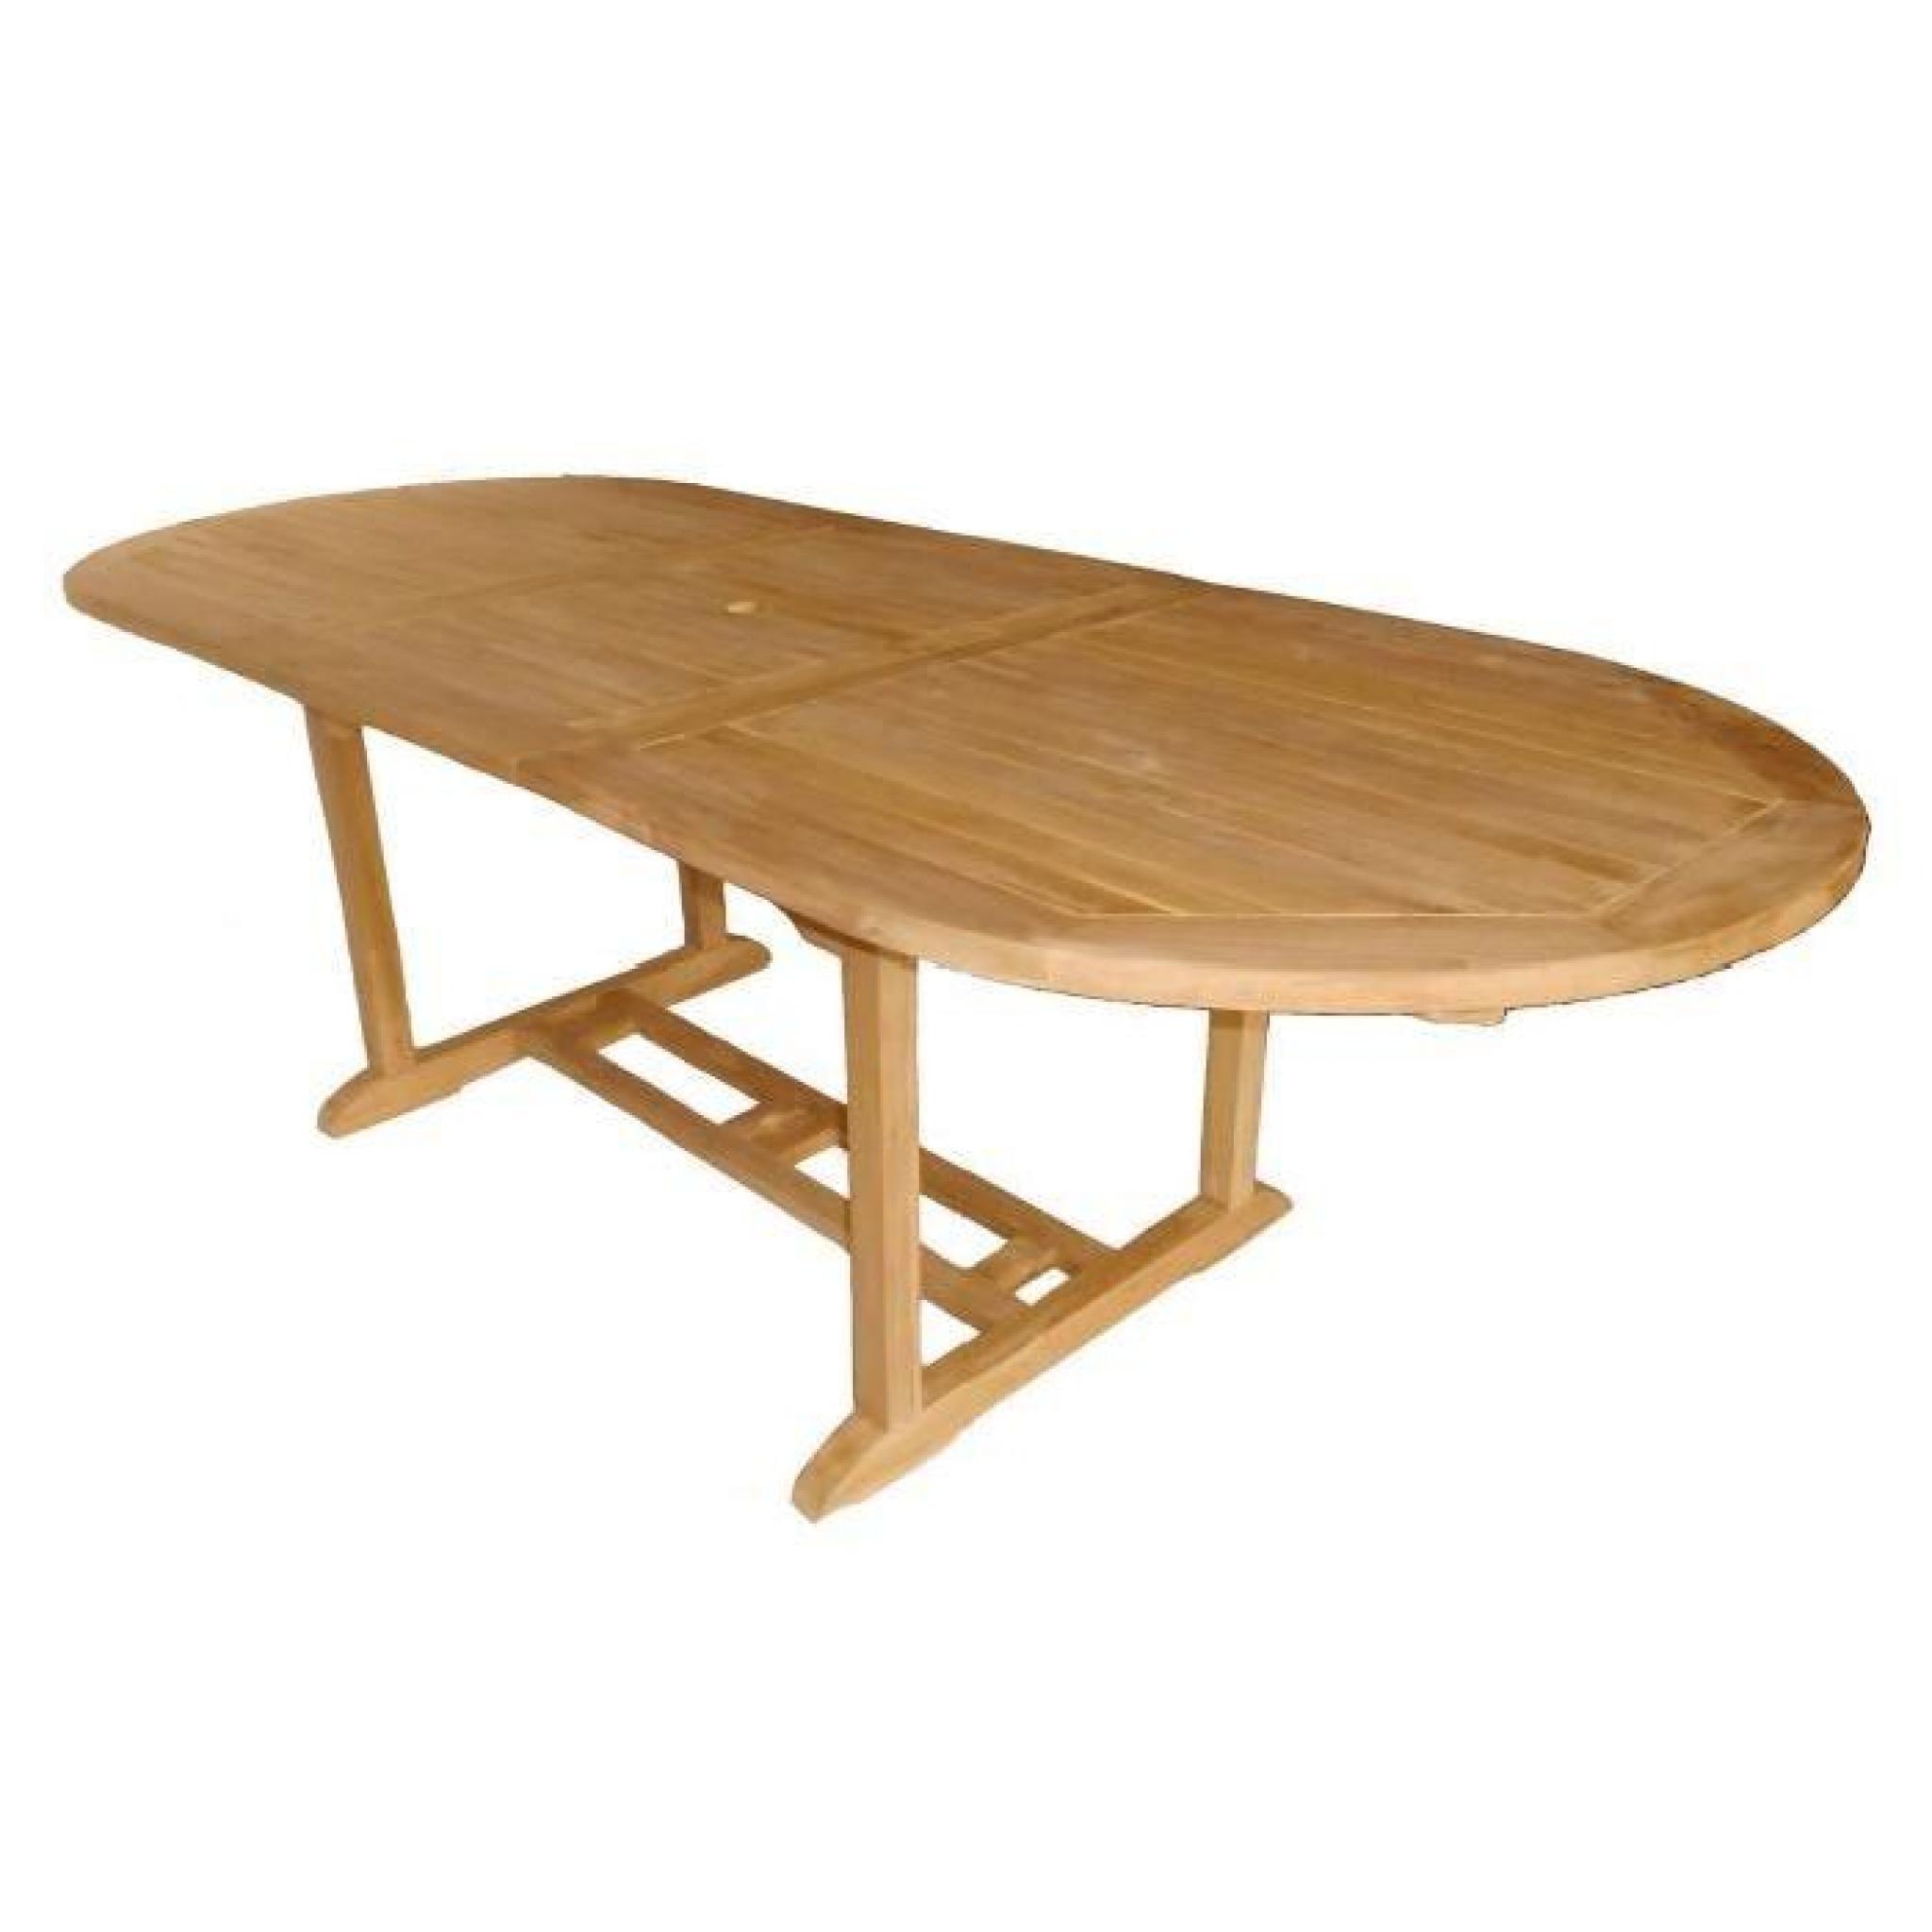 Table ovale extensible - bois teck robuste - pour patio et jardin